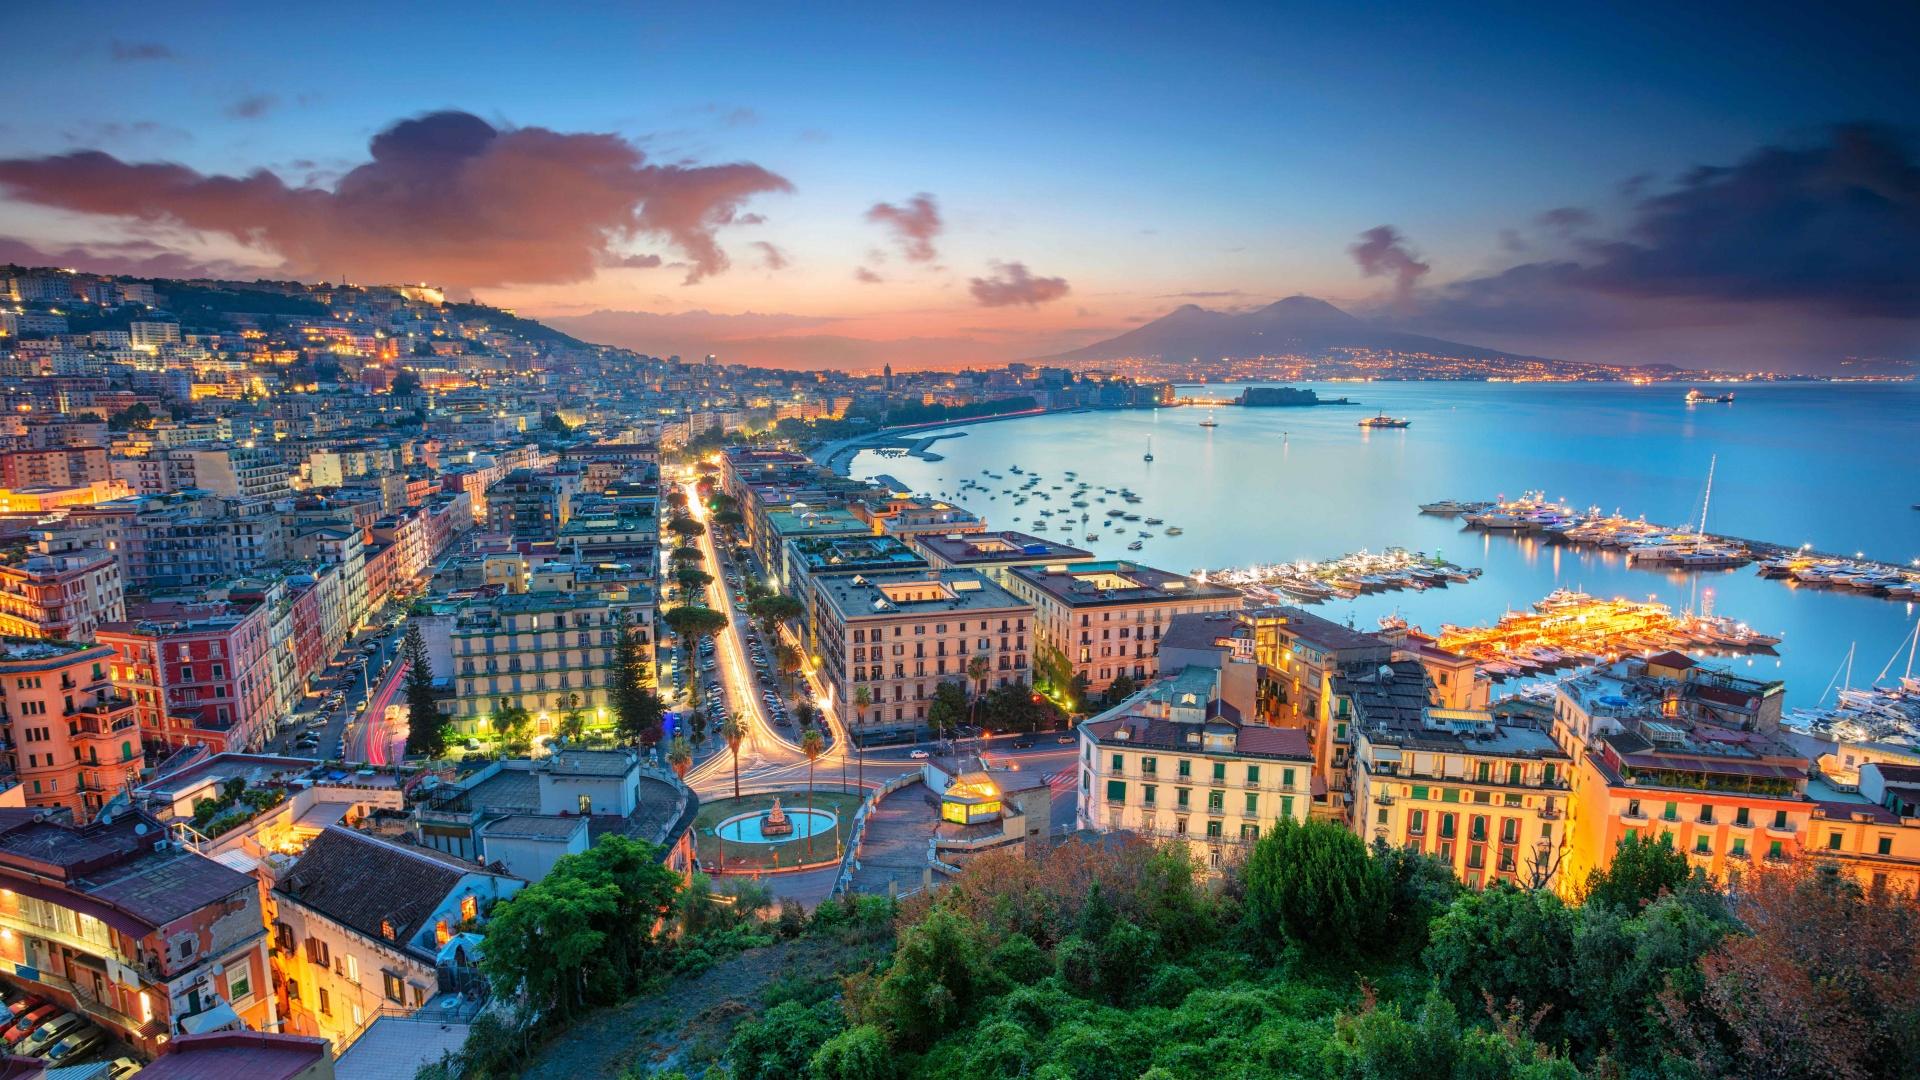 Best city breaks: sunrise in Naples, Italy